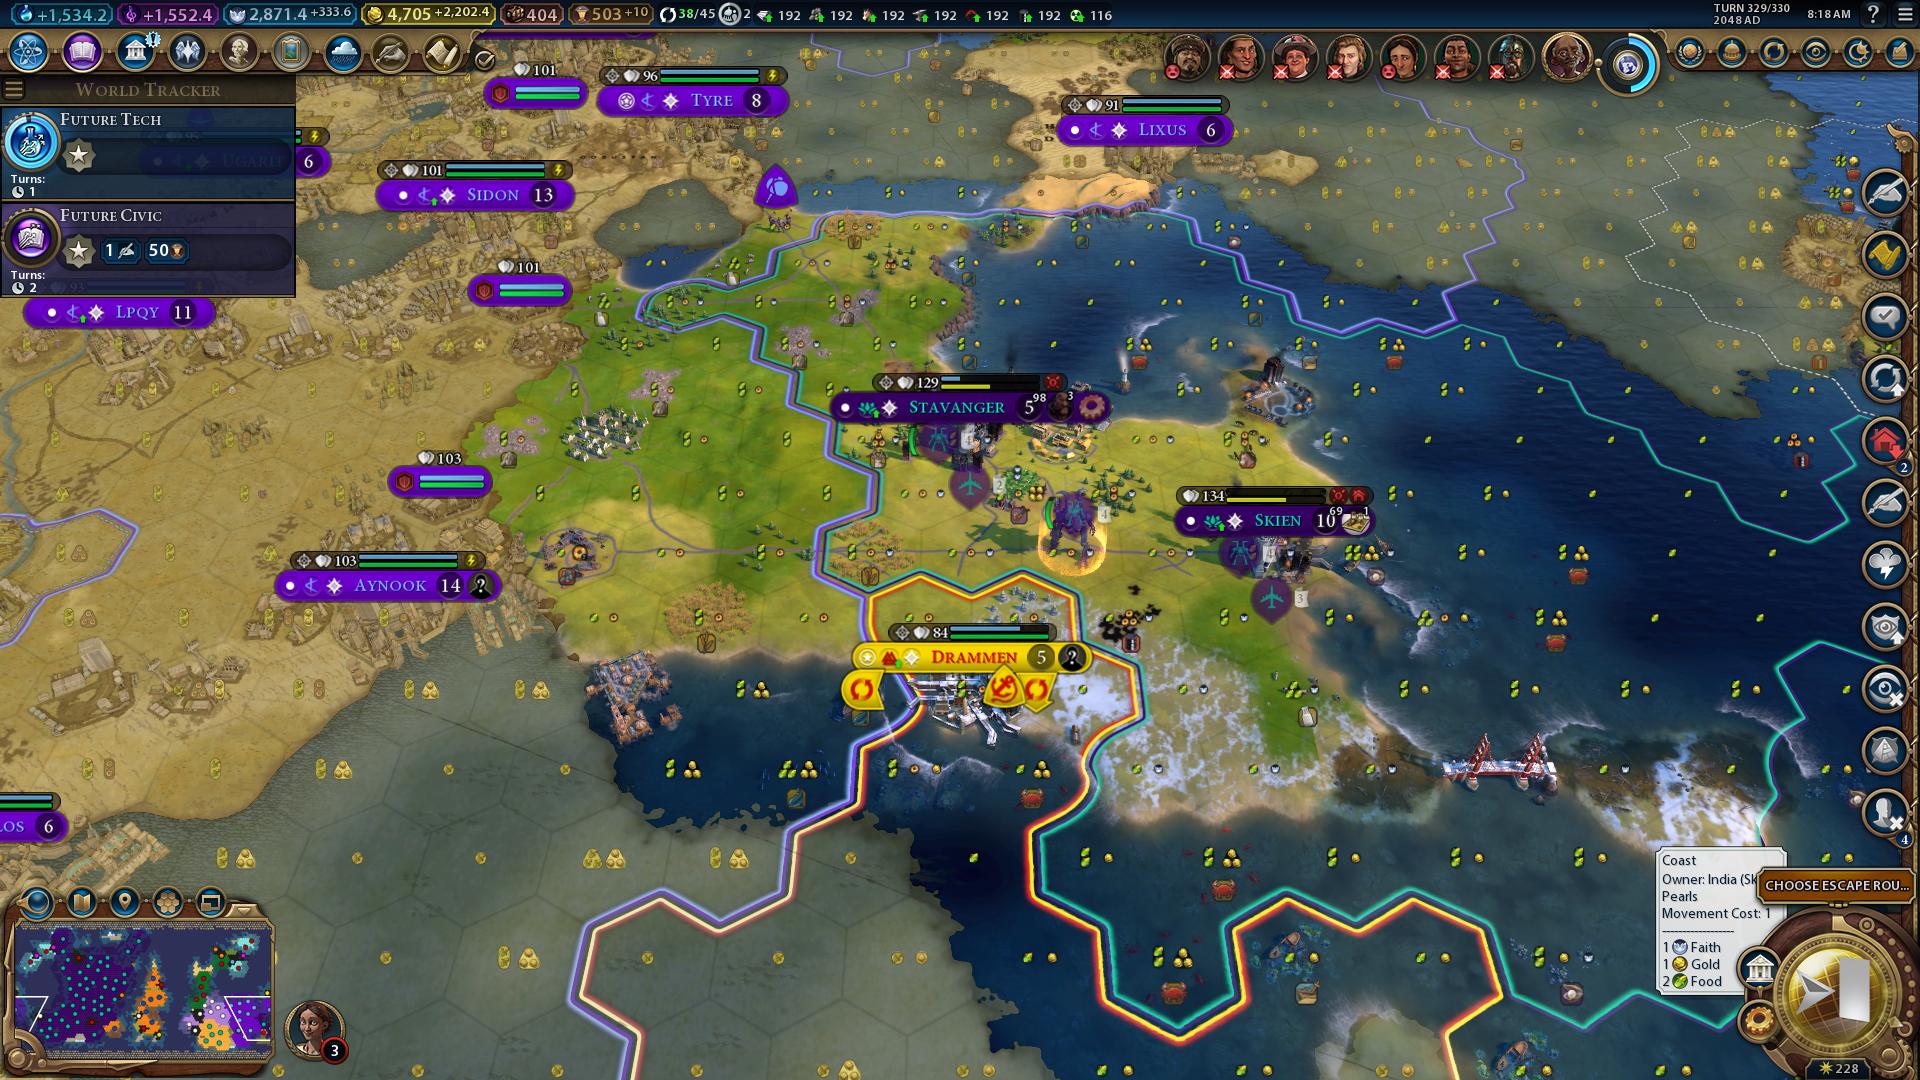 Sid Meier's Civilization VI (DX11) 4_2_2019 8_18_39 AM.png